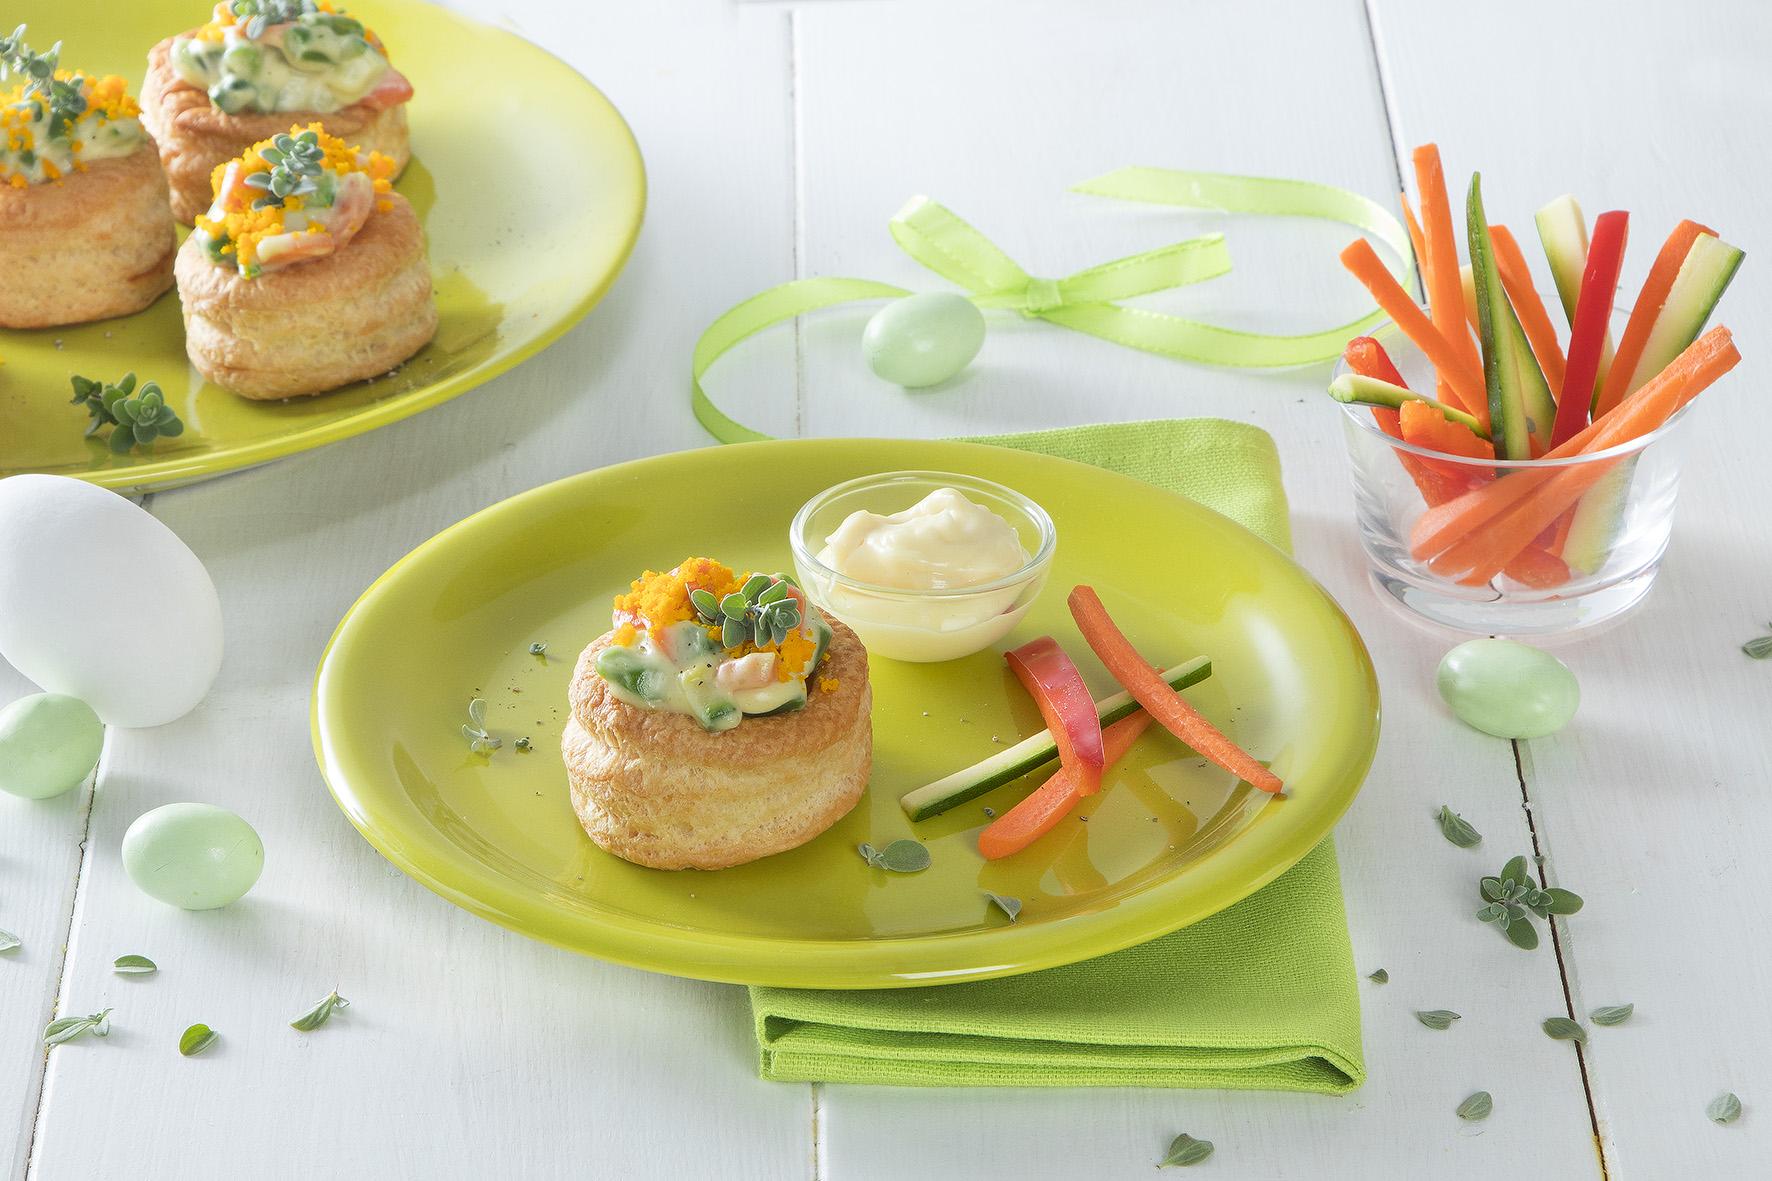 Vol-au-vent con maionese, verdure e mimosa di tuorlo d'uovo sodo